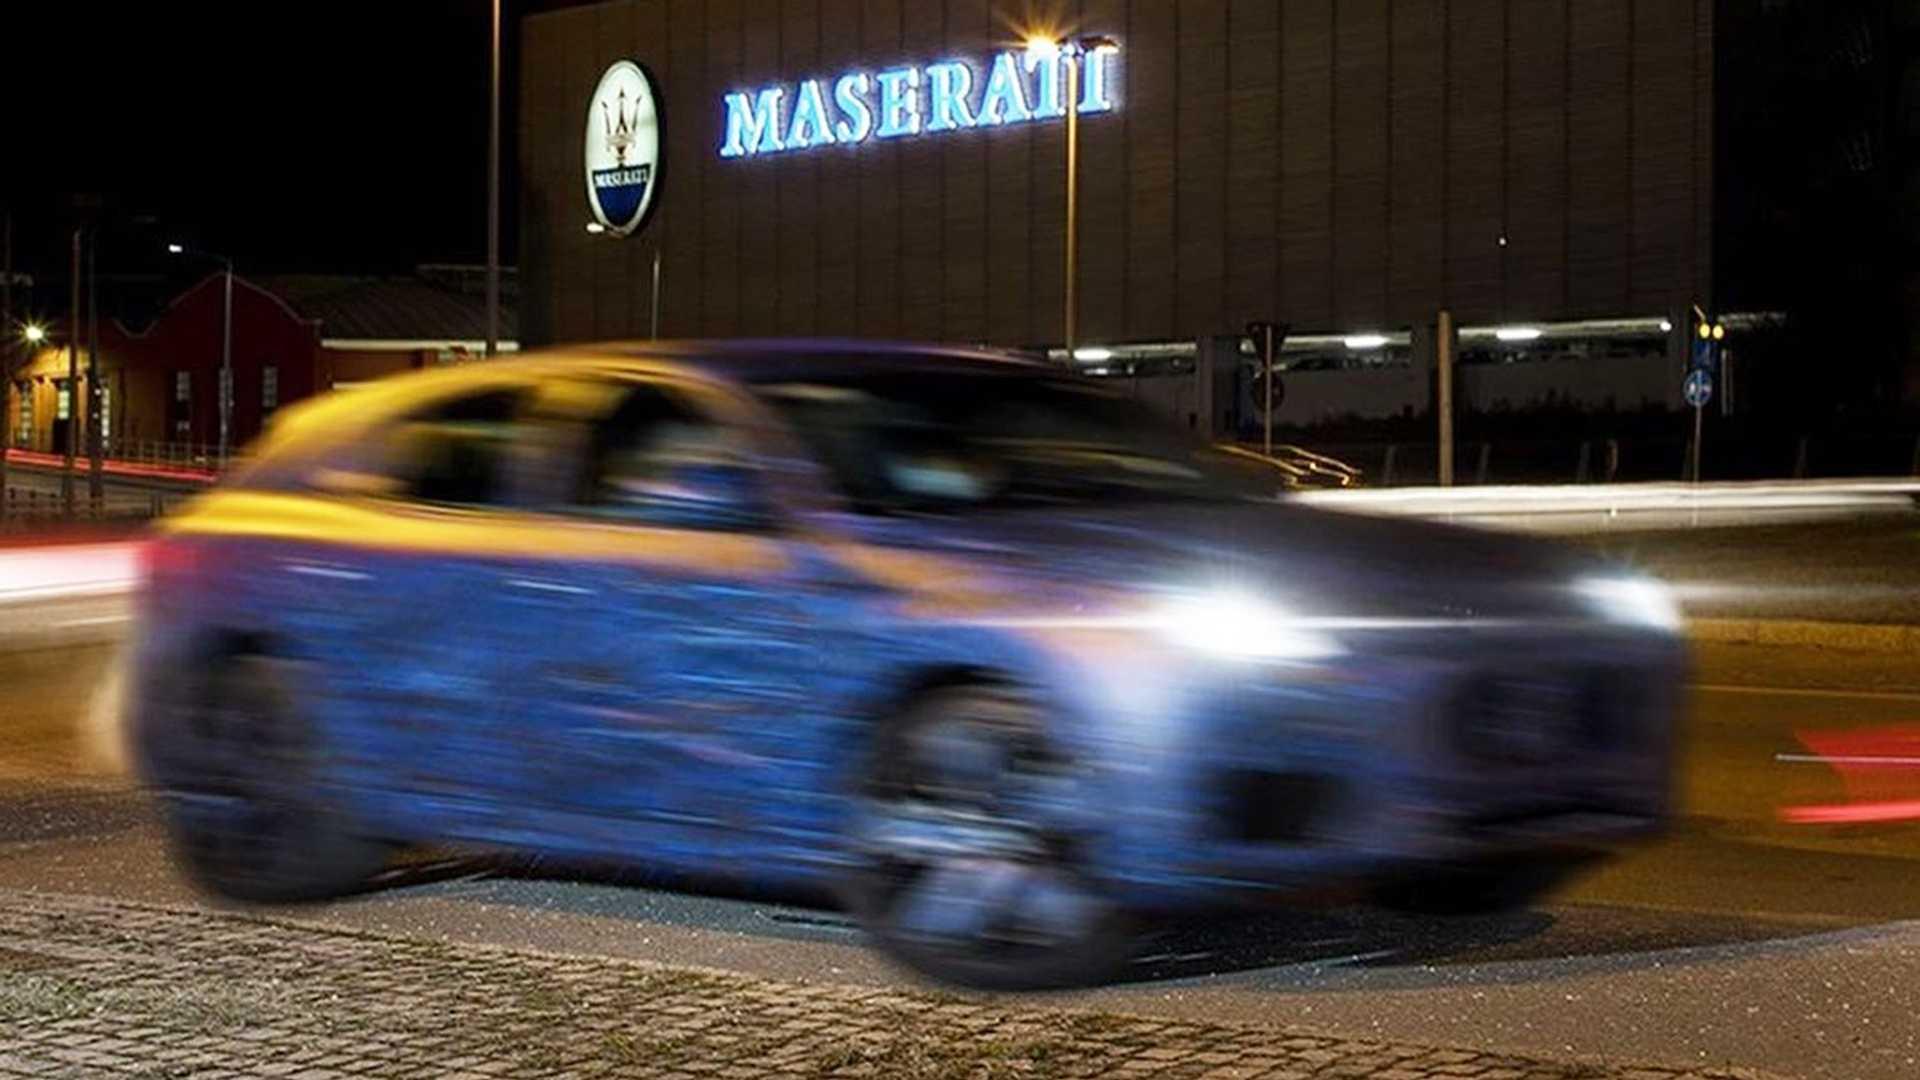 Тизерные изображения Maserati Grecale демонстрируют размытый спортивный кроссовер